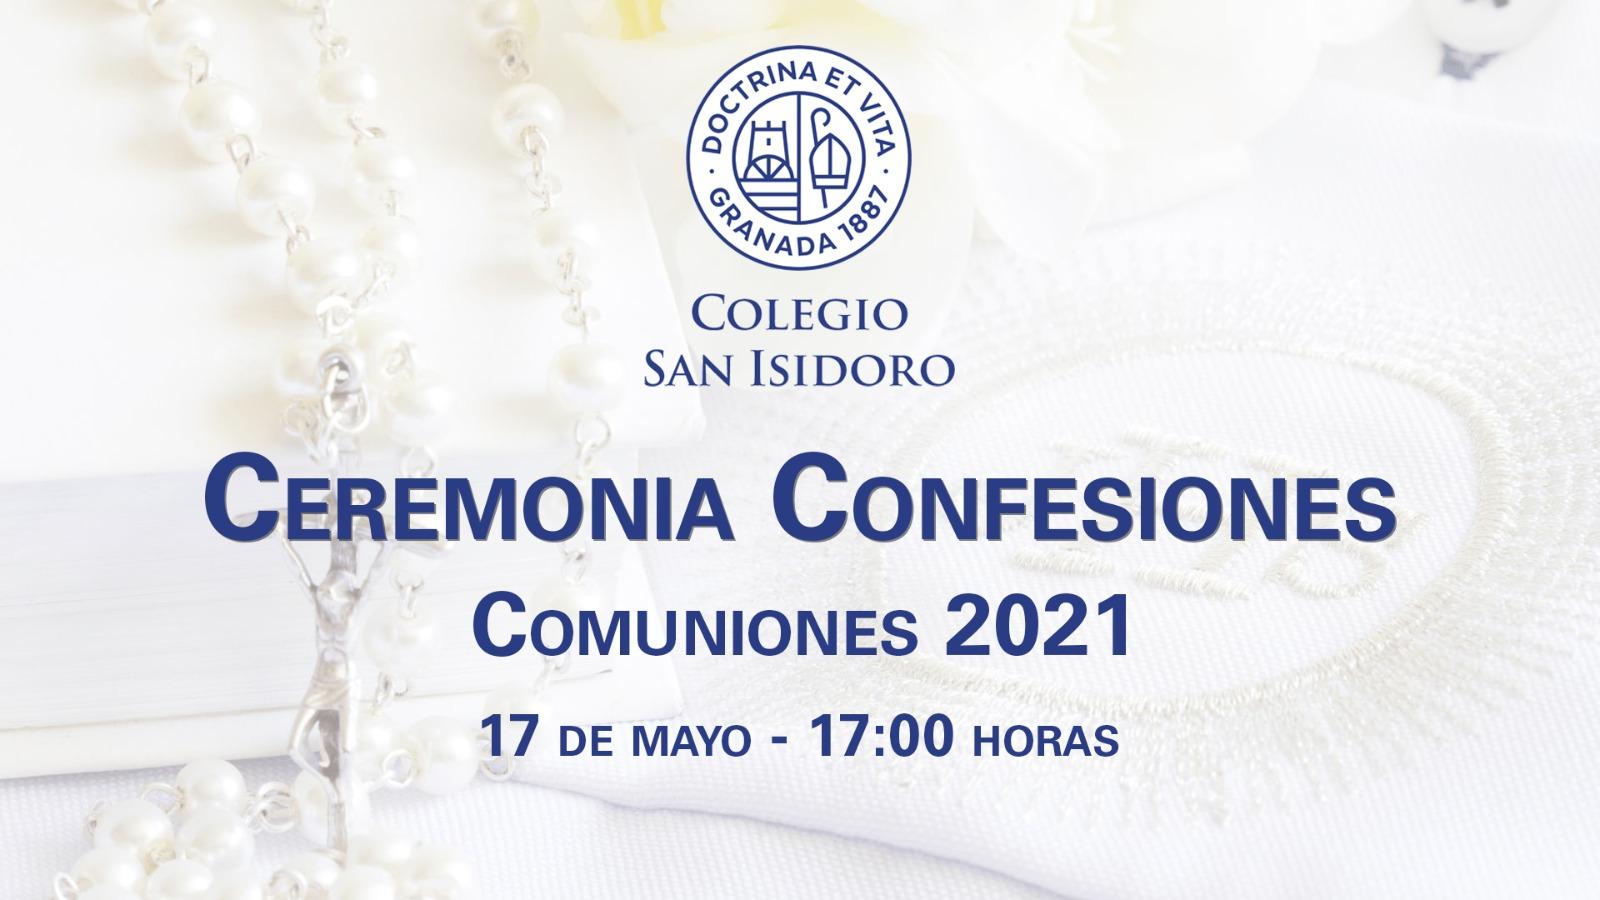 CARTEL CEREMONIA CONFESIONES